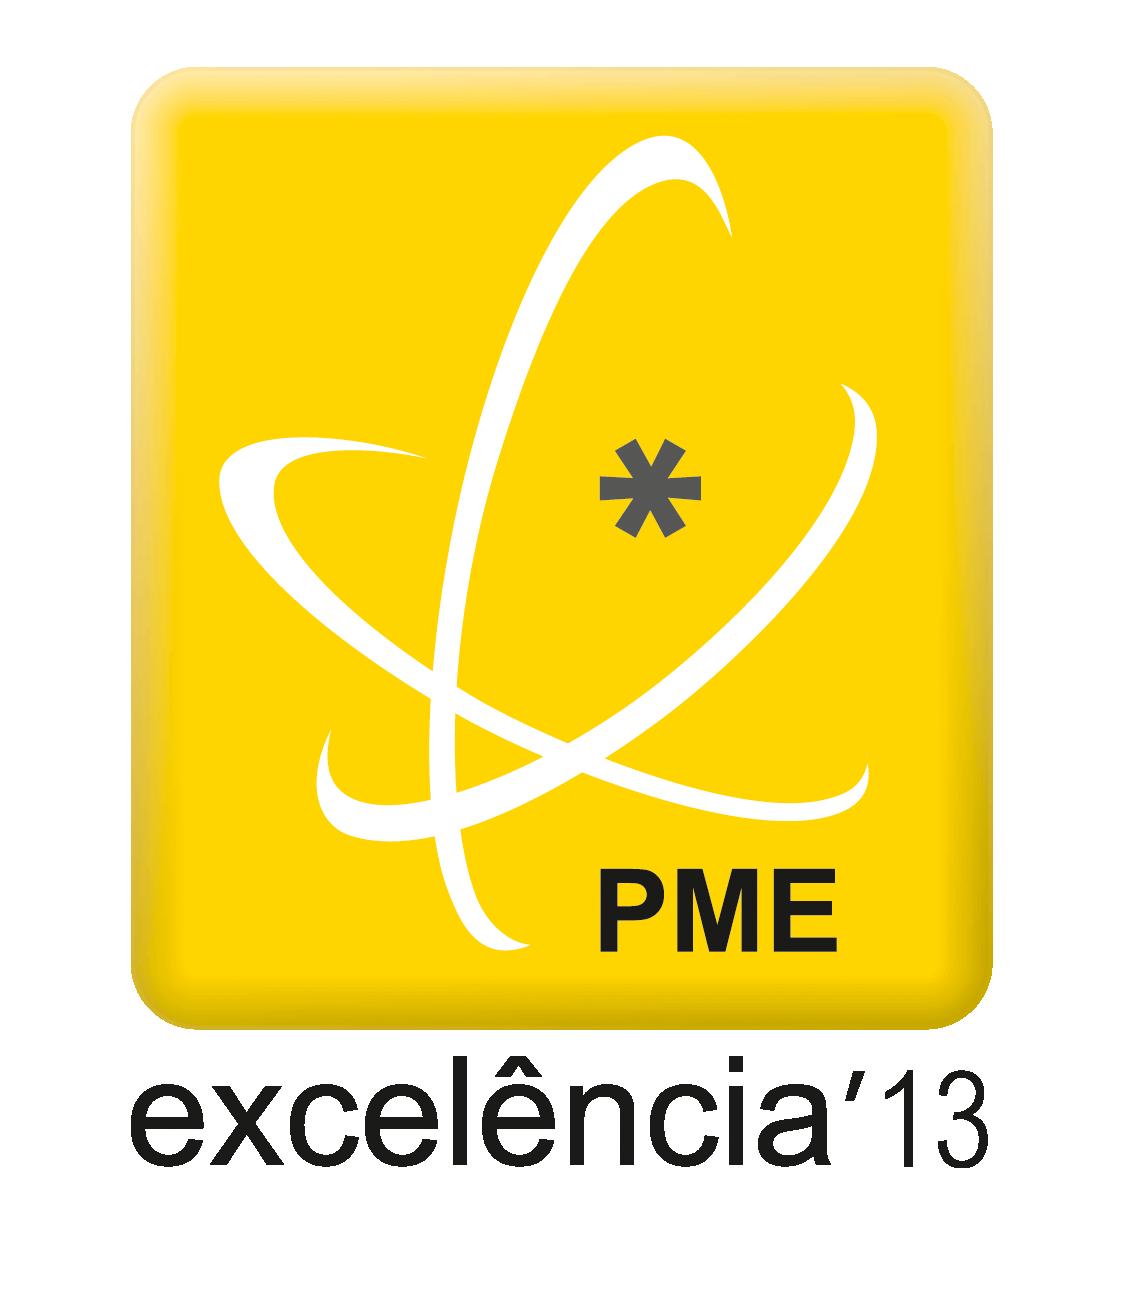 excelencia 2013